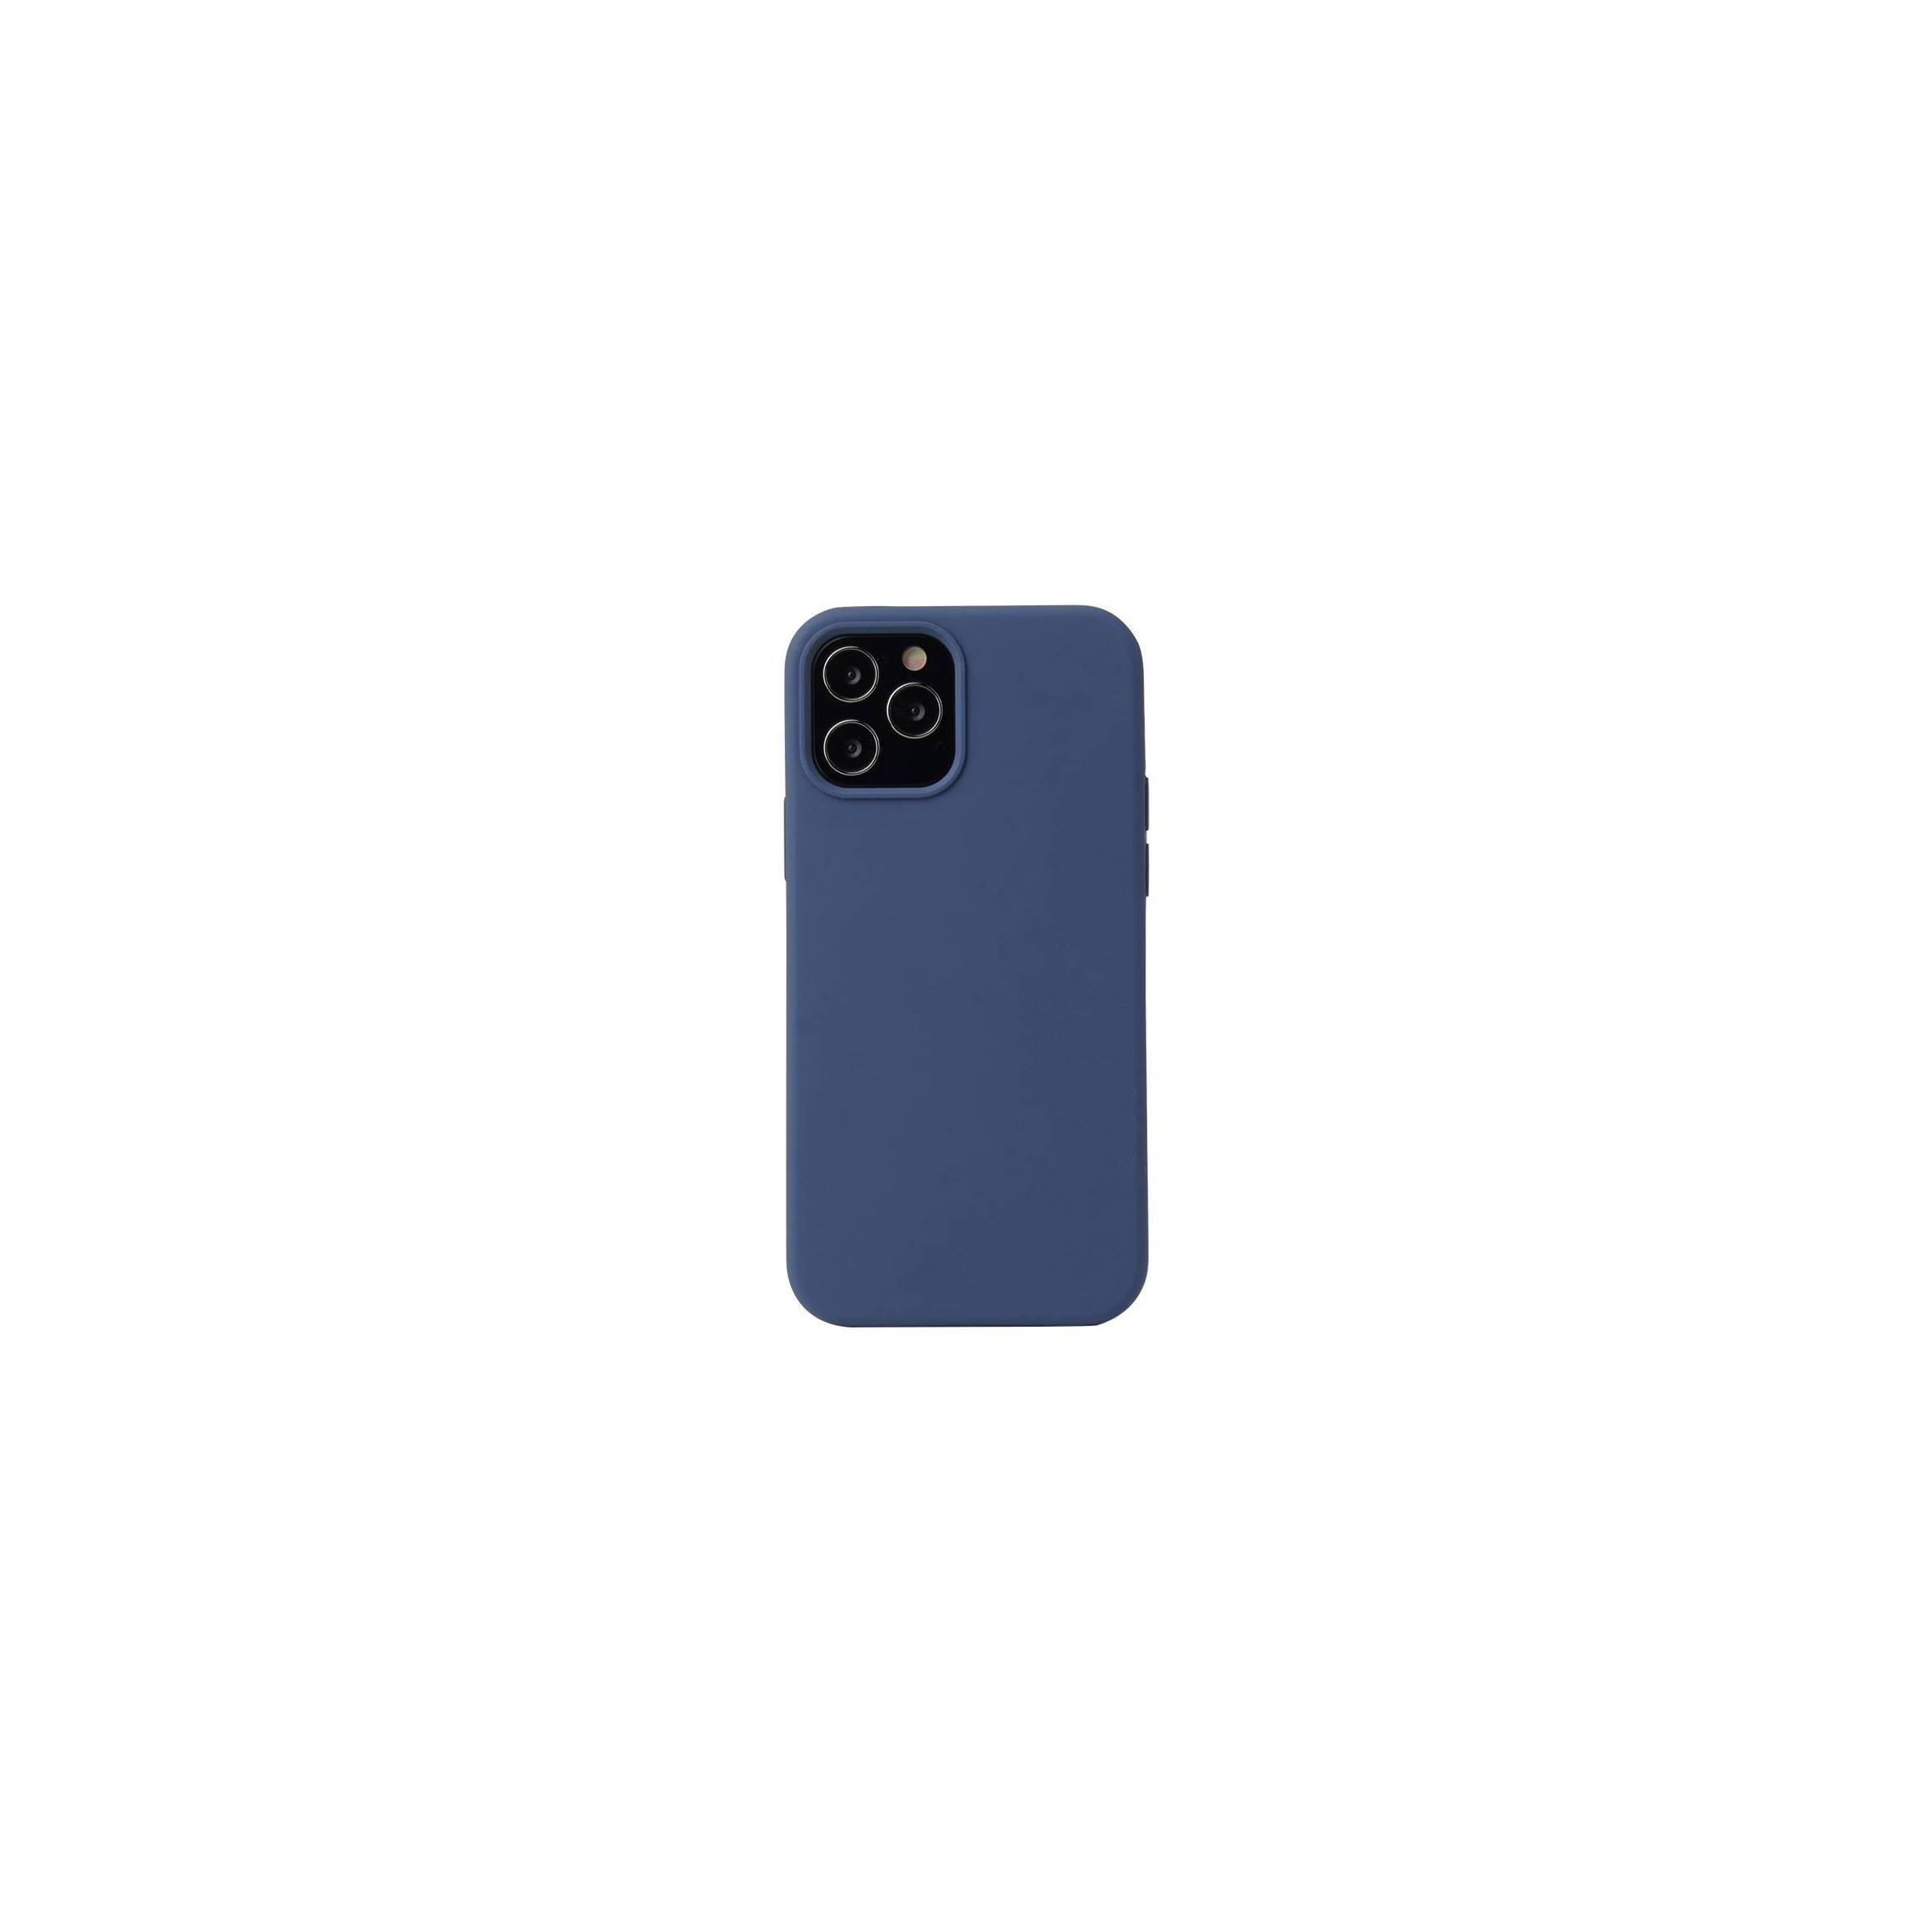 """kina oem – Lækkert iphone 12 mini silikone cover 5,4"""" flere farver farve blå fra mackabler.dk"""